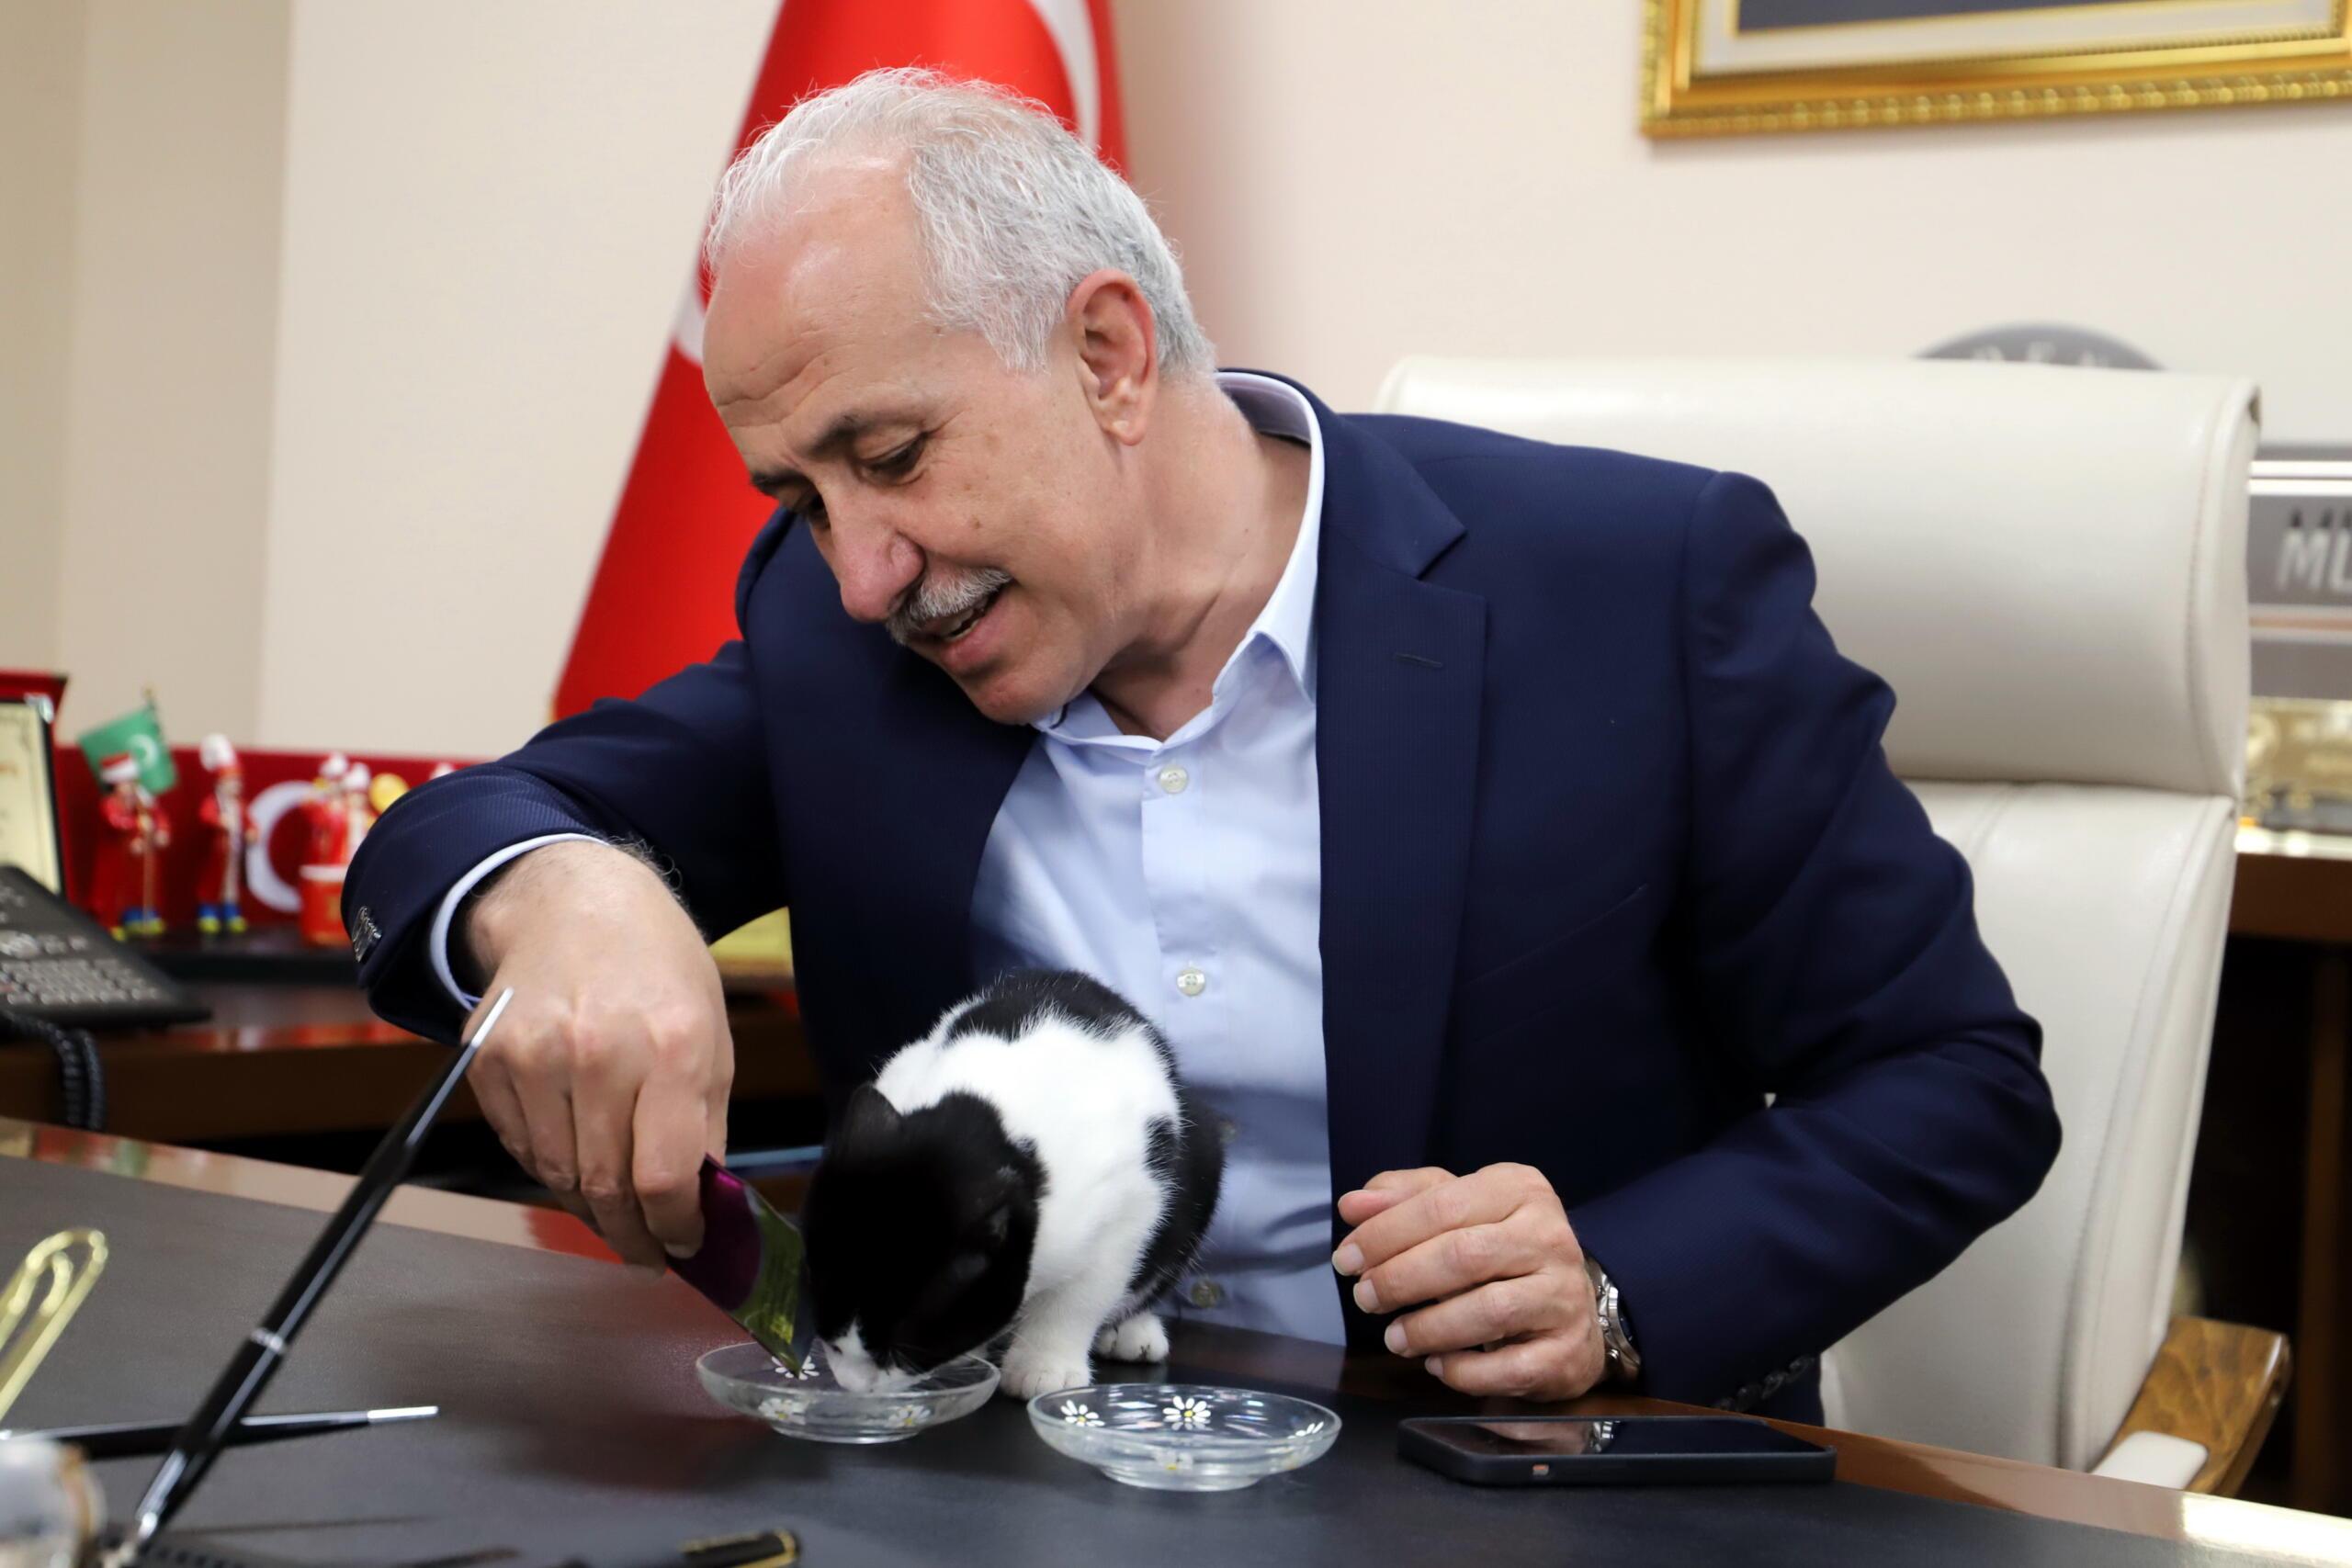 Bir kedisever olan Başkan Gültak, engelli kedi Zilli'yi makamında ağırladı